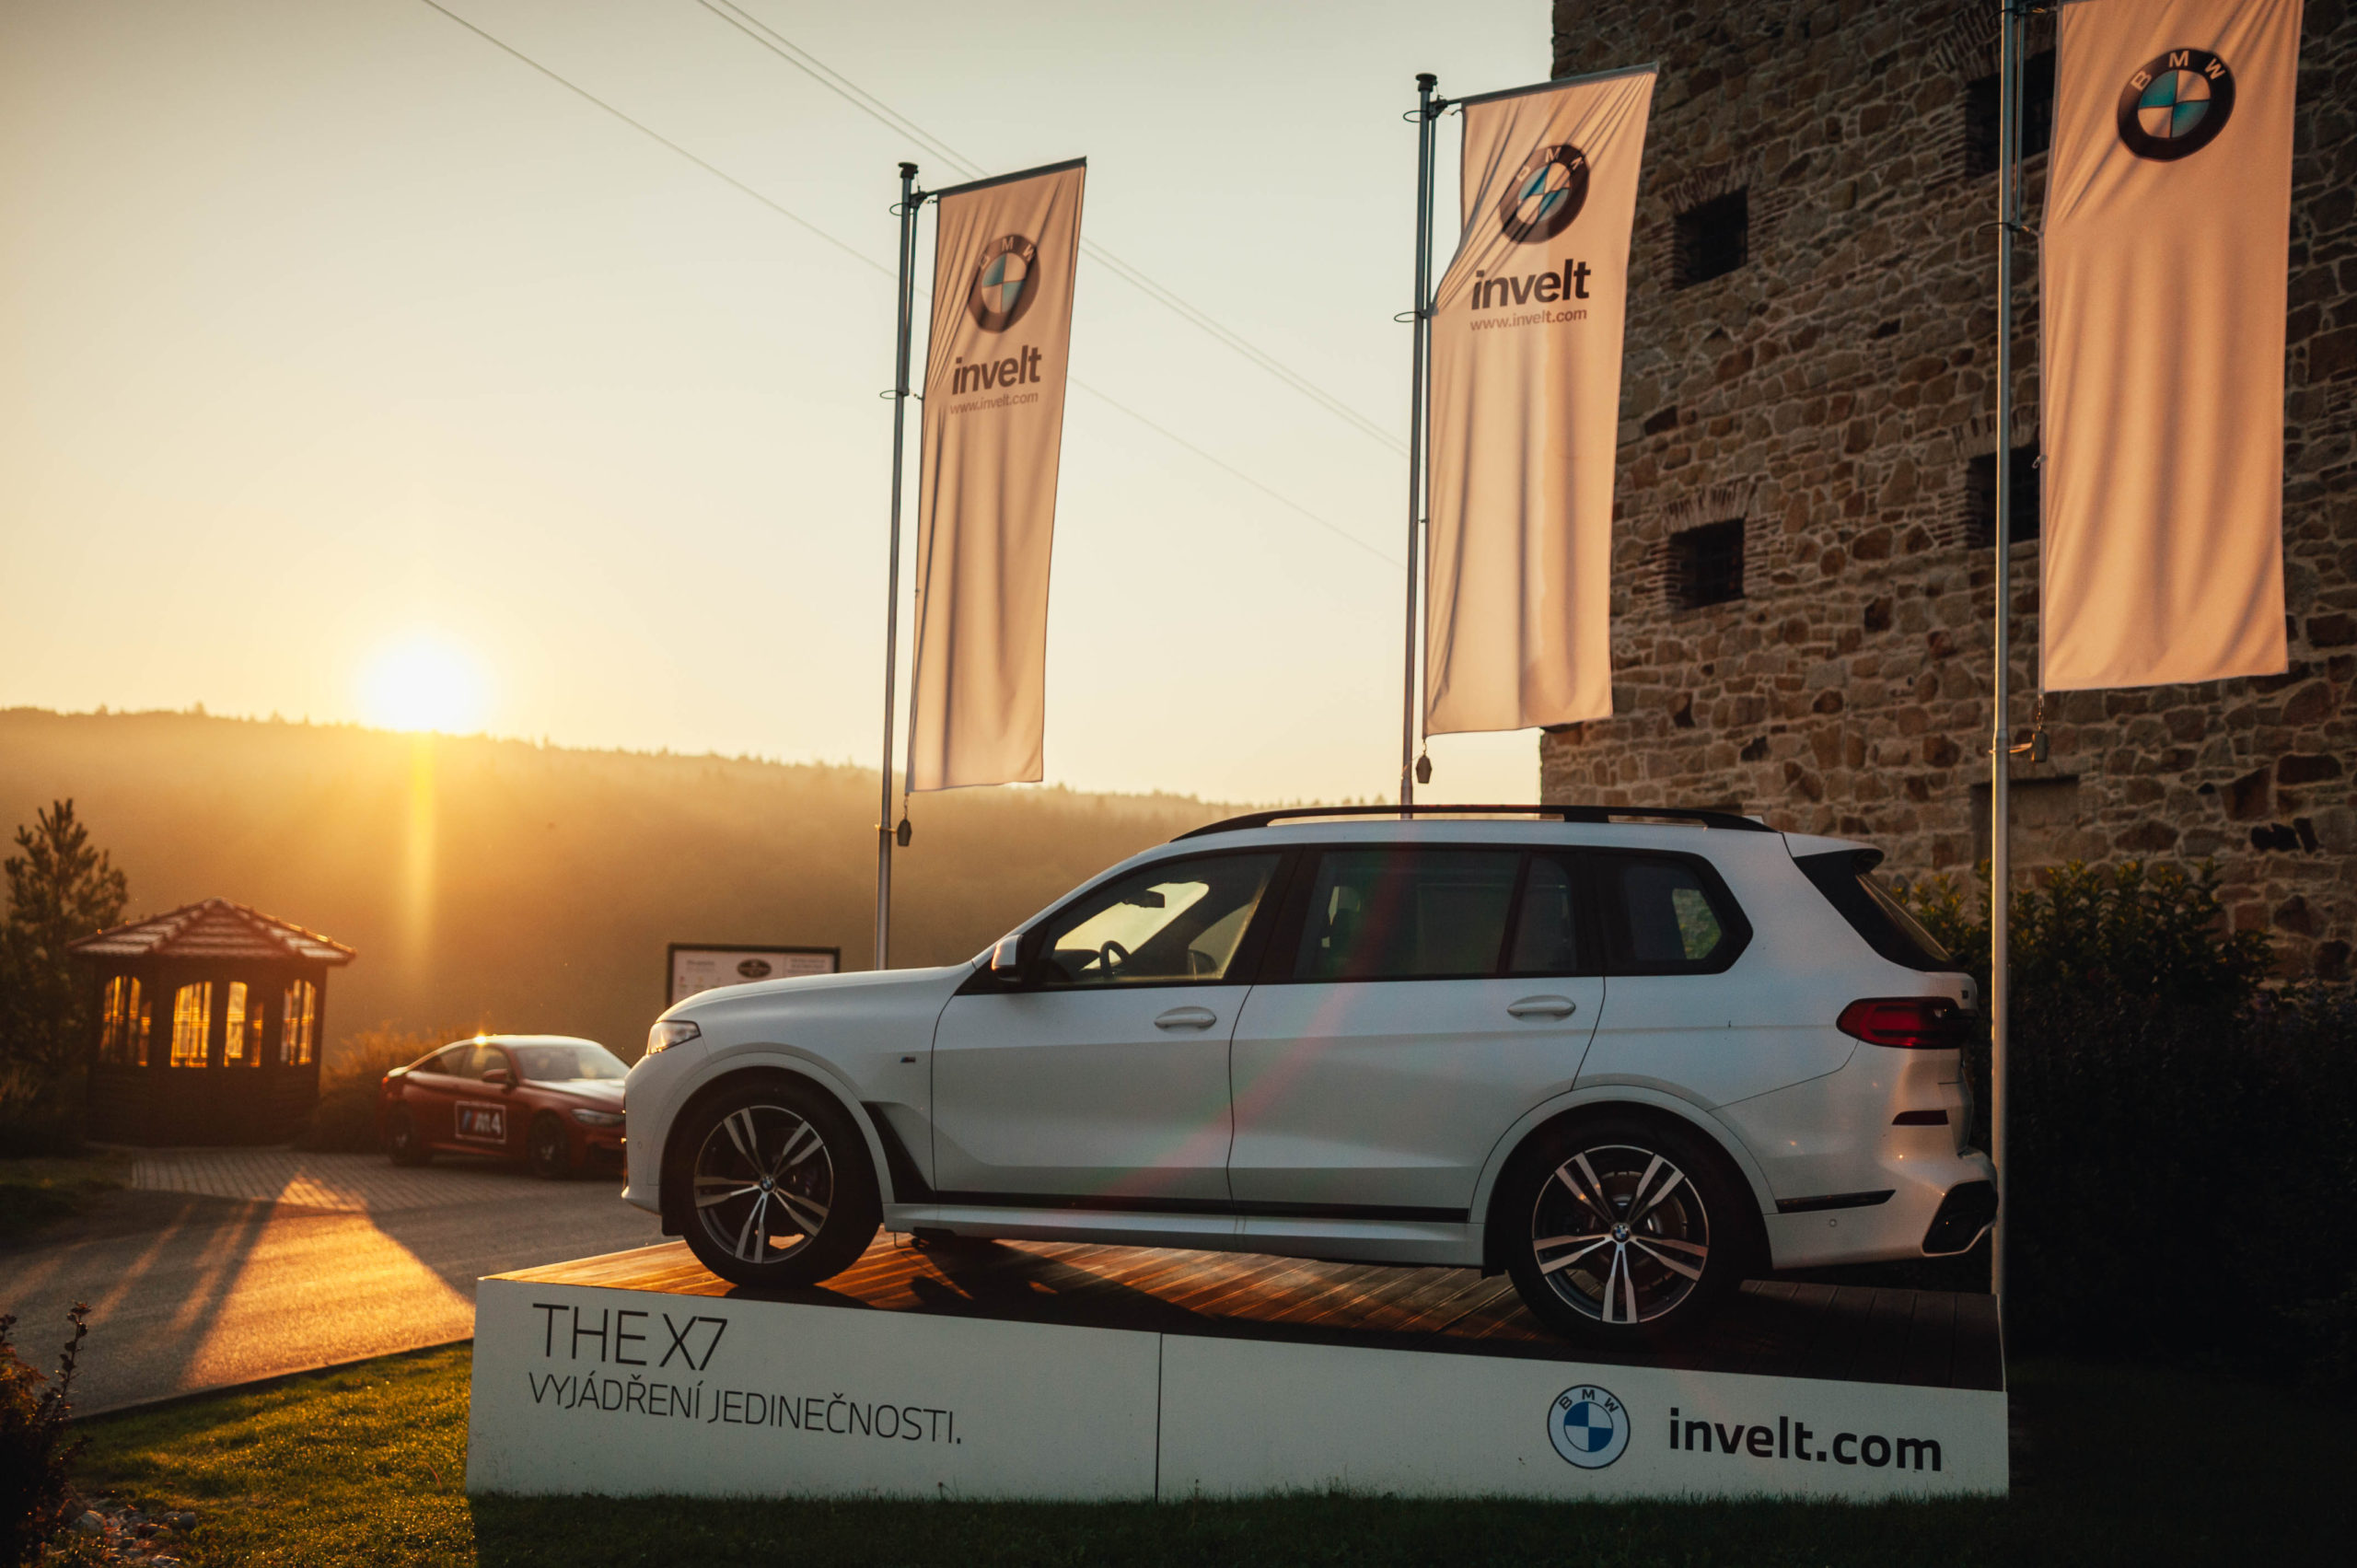 8. ročník golfového turnaje BMW Invelt proběhl za krásného slunečného počasí již tradičně na Dýšině